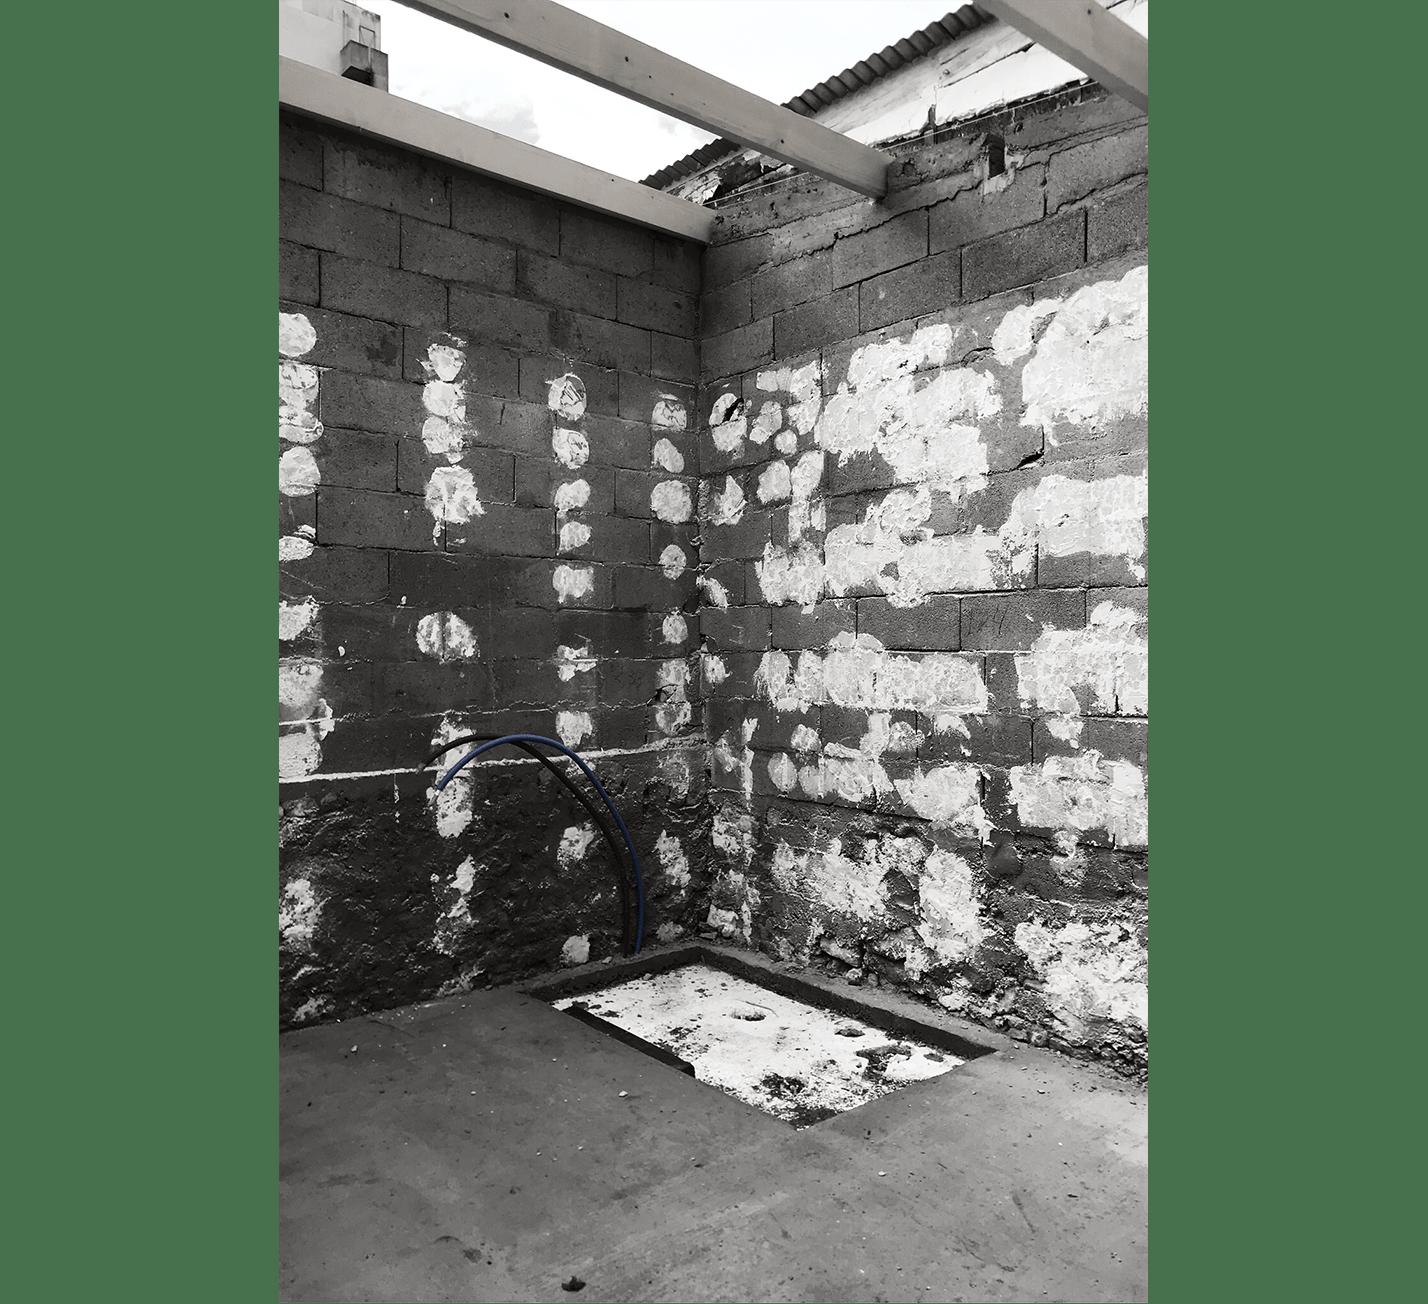 Projet-Louise-Atelier-Steve-Pauline-Borgia-Architecture-interieur-01-min